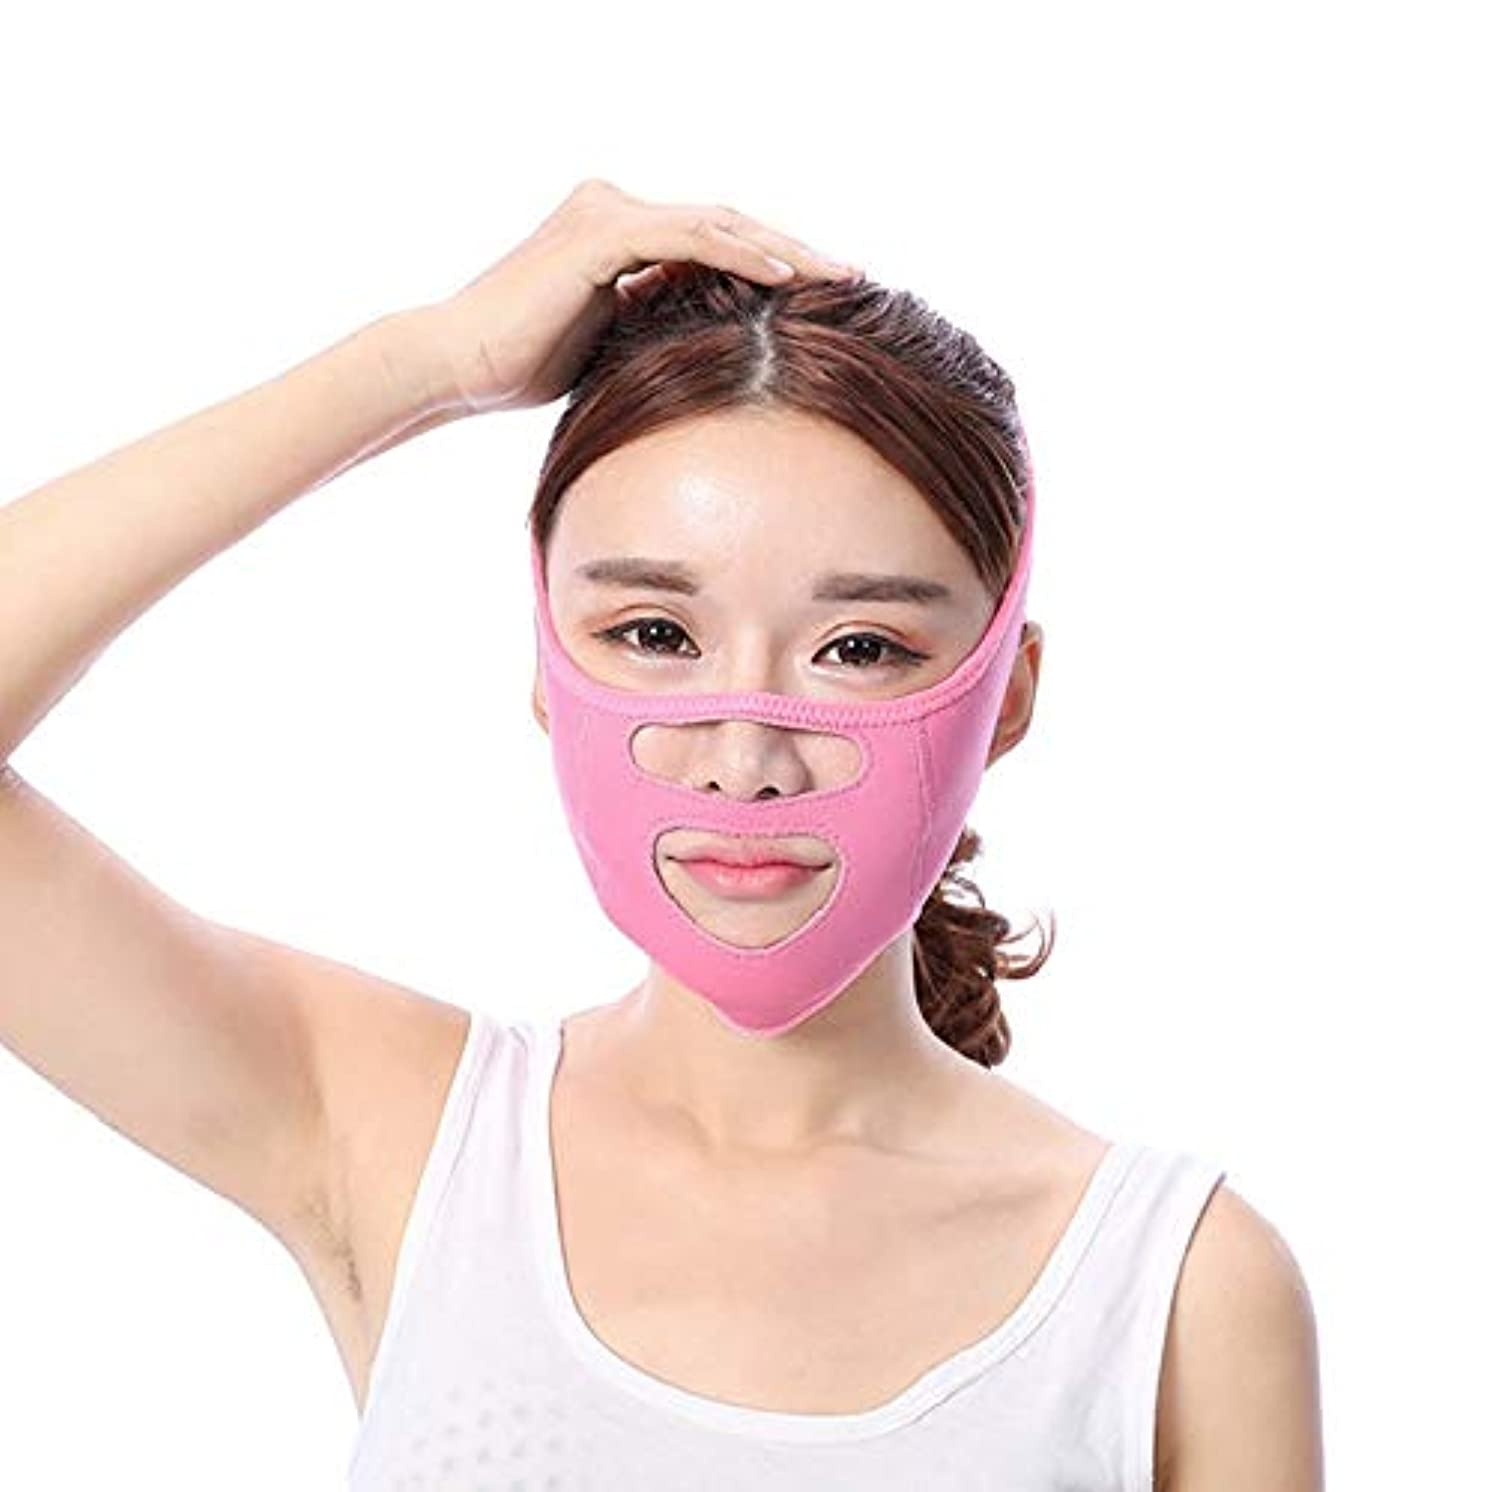 ローマ人債務者スナッチXINGZHE 顔の持ち上がる痩身ベルト - あなたの顔のための素晴らしいトレーニング二重あごのワークアウトフェイスマスクベルト薄い顔包帯整形マスクは顔と首を締めますフェイススリム フェイスリフティングベルト